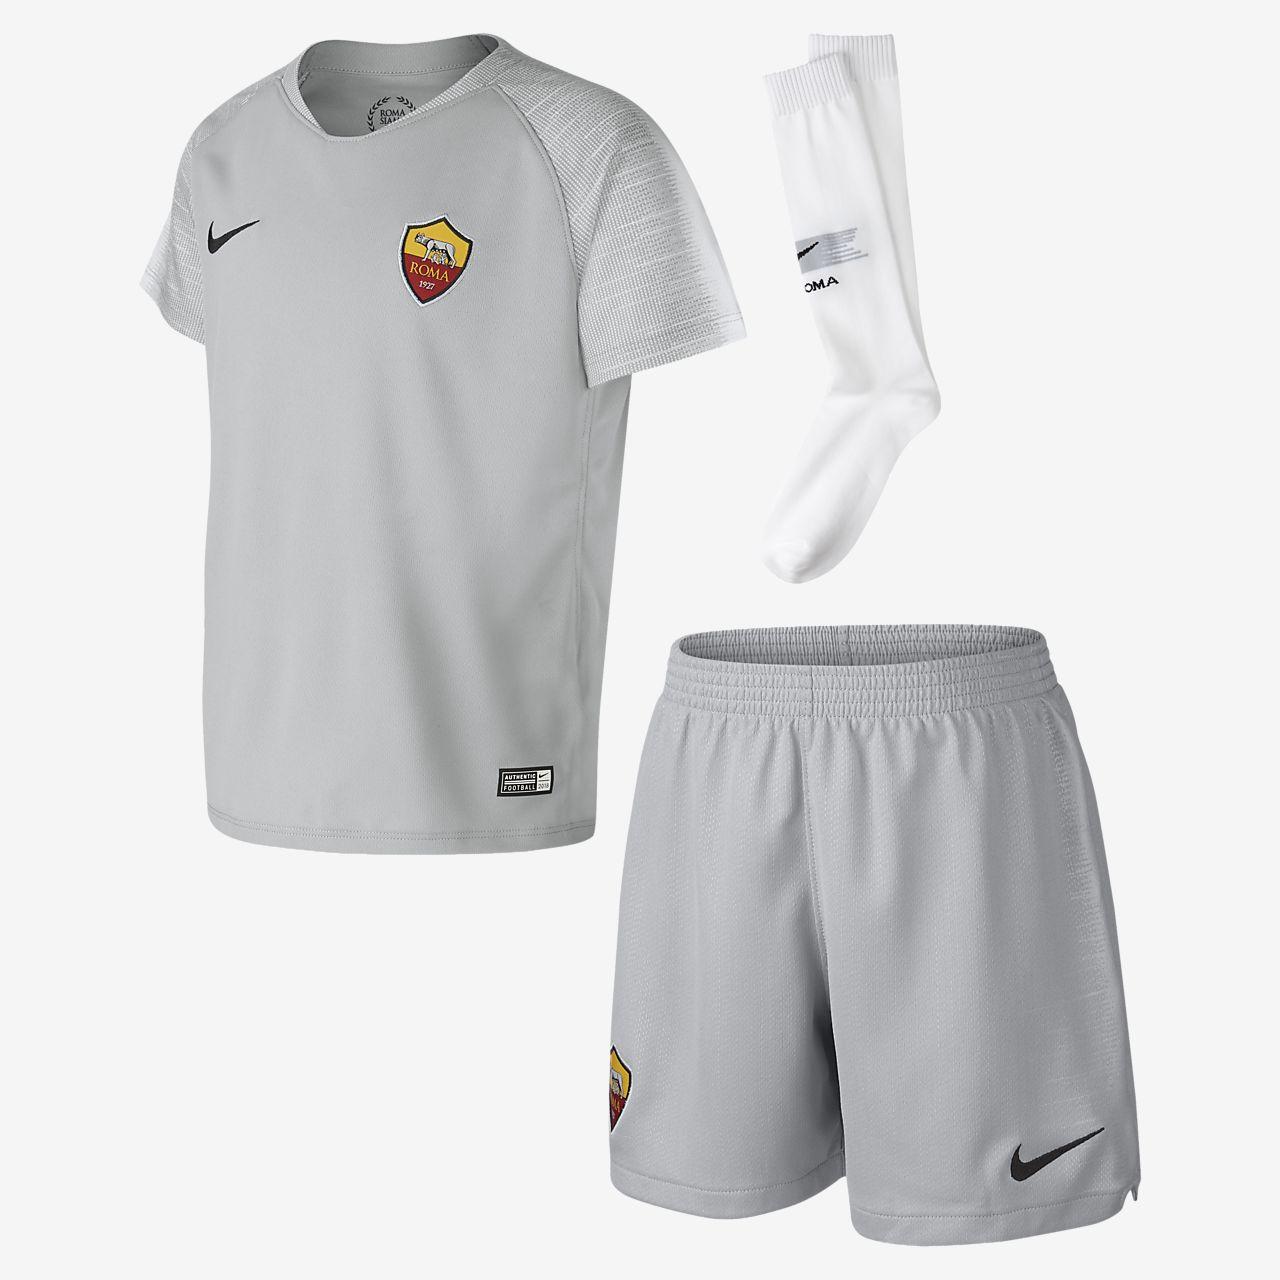 Equipamento de futebol 2018 19 A.S. Roma Stadium Away para criança ... 74fd3a756d051